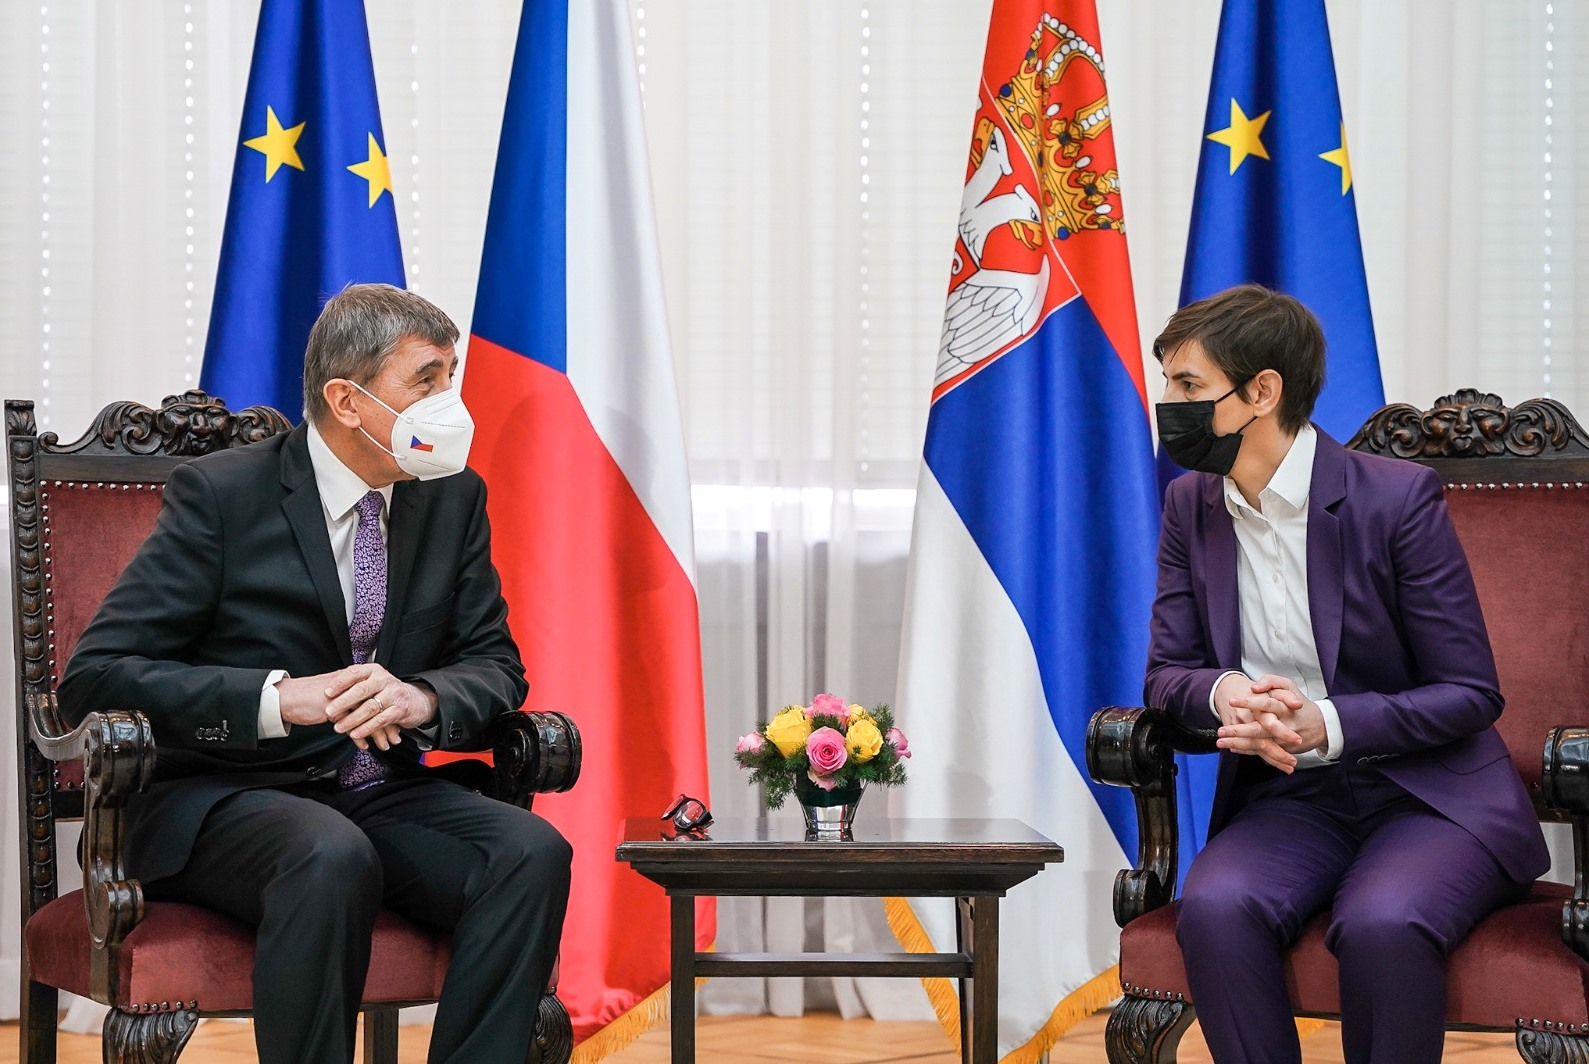 Képünkön Andrej Babiš cseh miniszterelnök (balra) és szerbiai kolléganője, Ana Brnabič pózol a találkozó hivatalos fotóit készítő riporterek előtt a belgrádi miniszterelnöki hivatal épületében, 2021 február 10-én. A kép forrása Andrej Babiš Faecbook oldala.